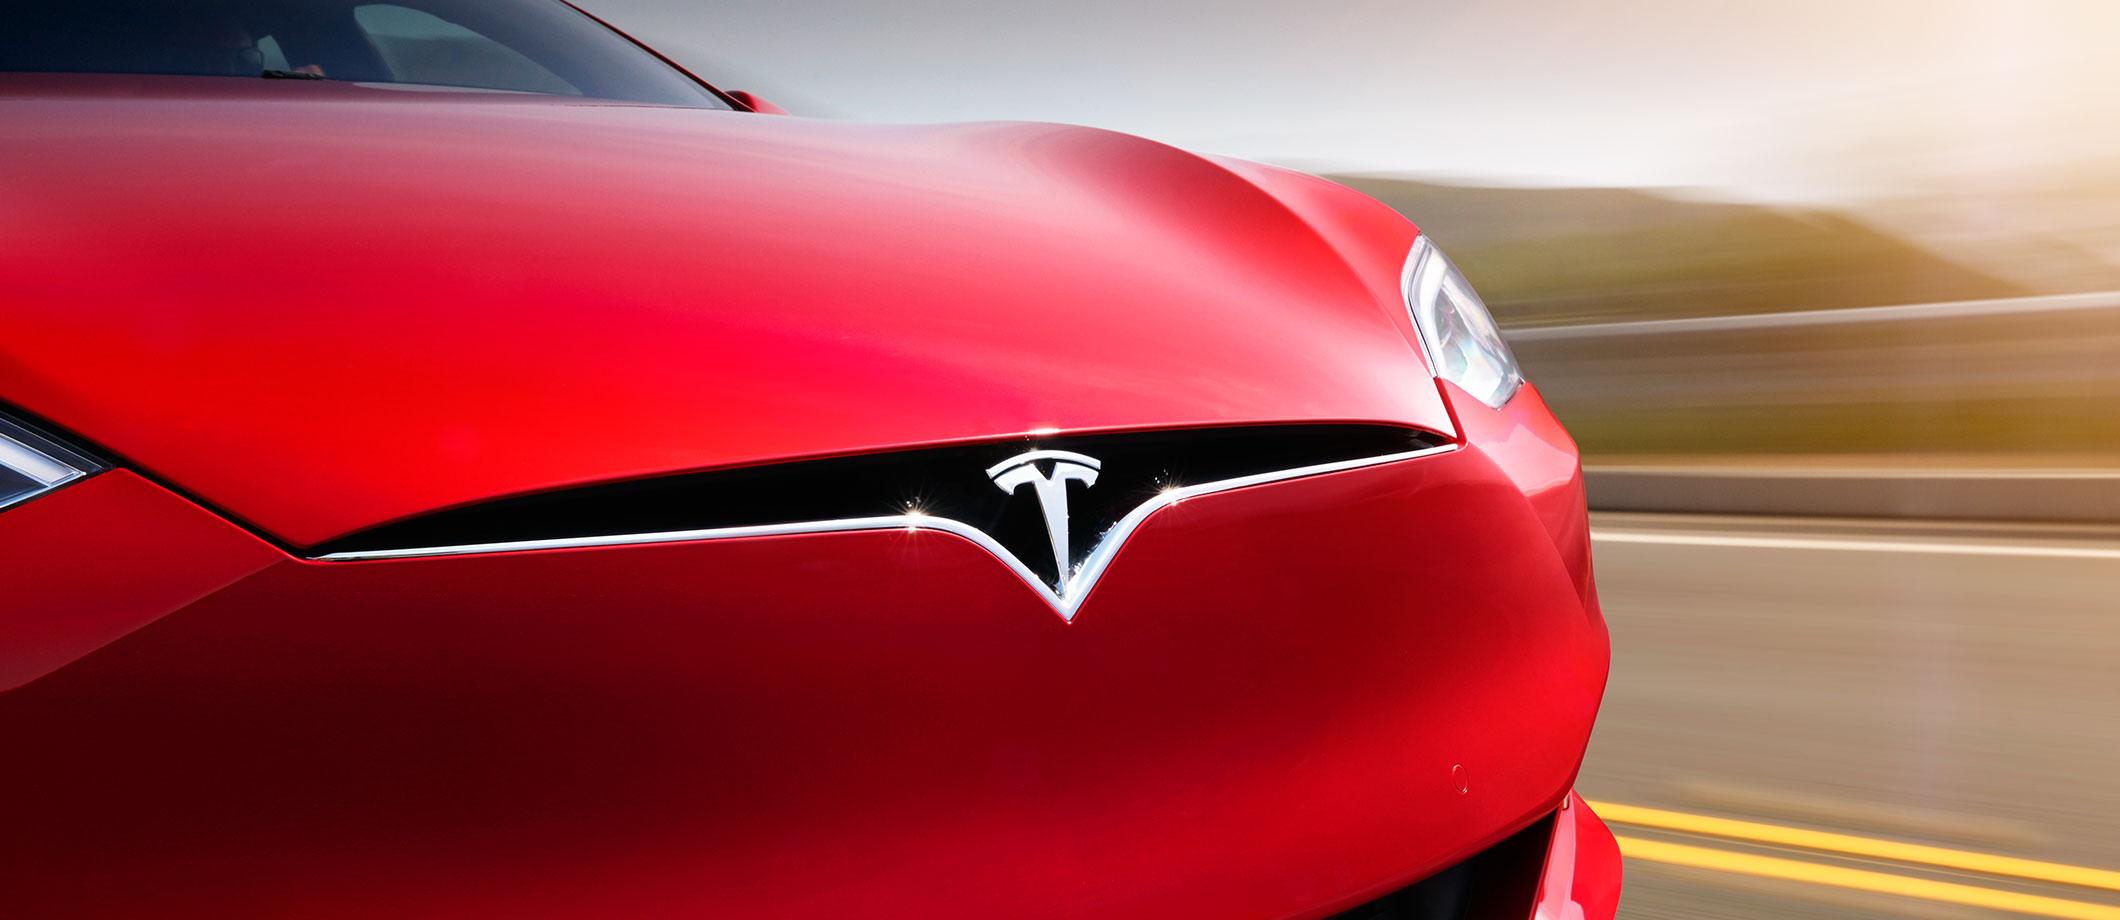 Tesla front emblem